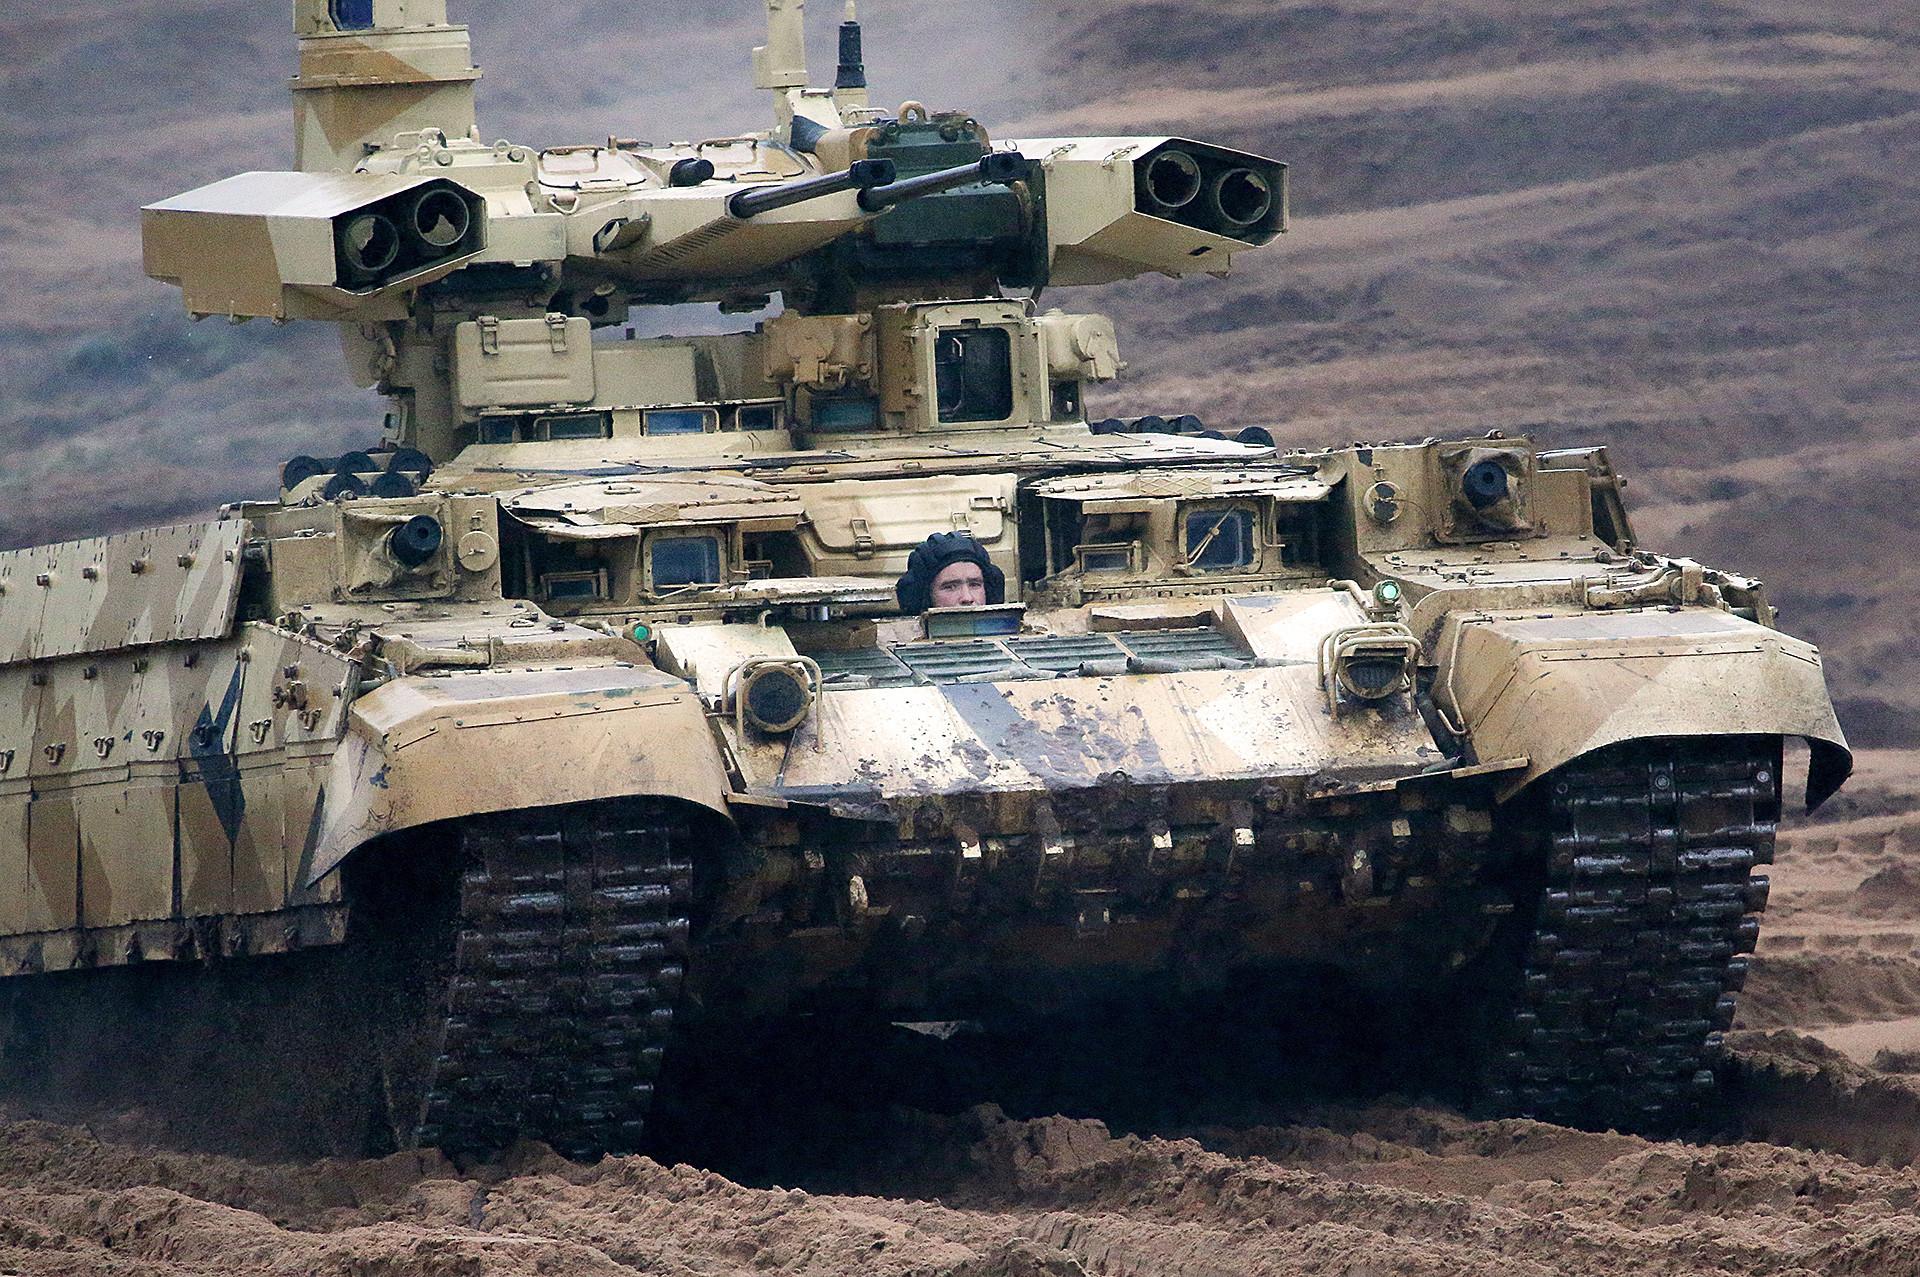 """Тешка борбена машина пешадије БМПТ-72 (""""Терминатор 2"""") на маневрима Запад 2017, које су заједно извеле оружане снаге Русије и Белорусије."""